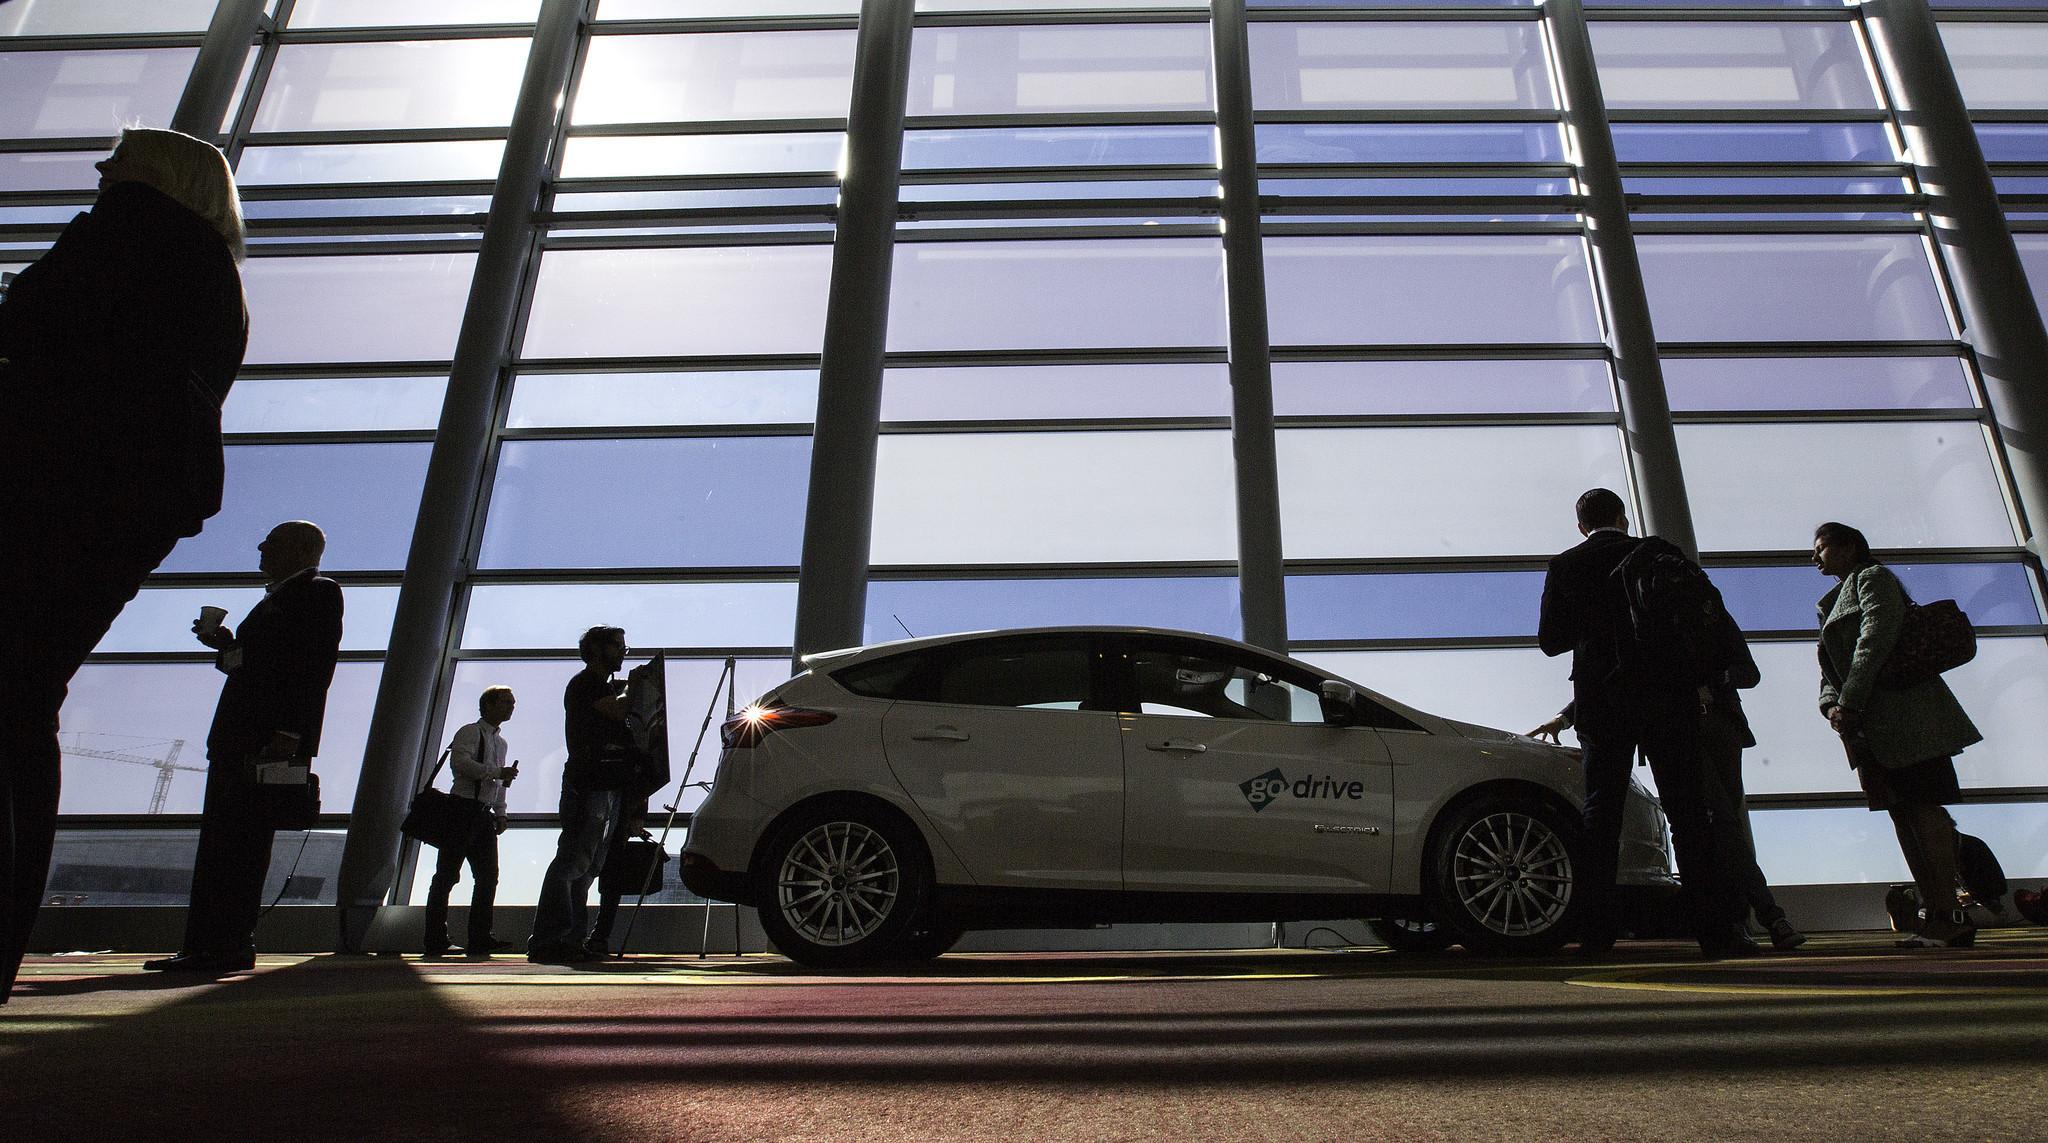 Jaguar I-PACE Concept: Jaguar Reveals its First Electric SUV